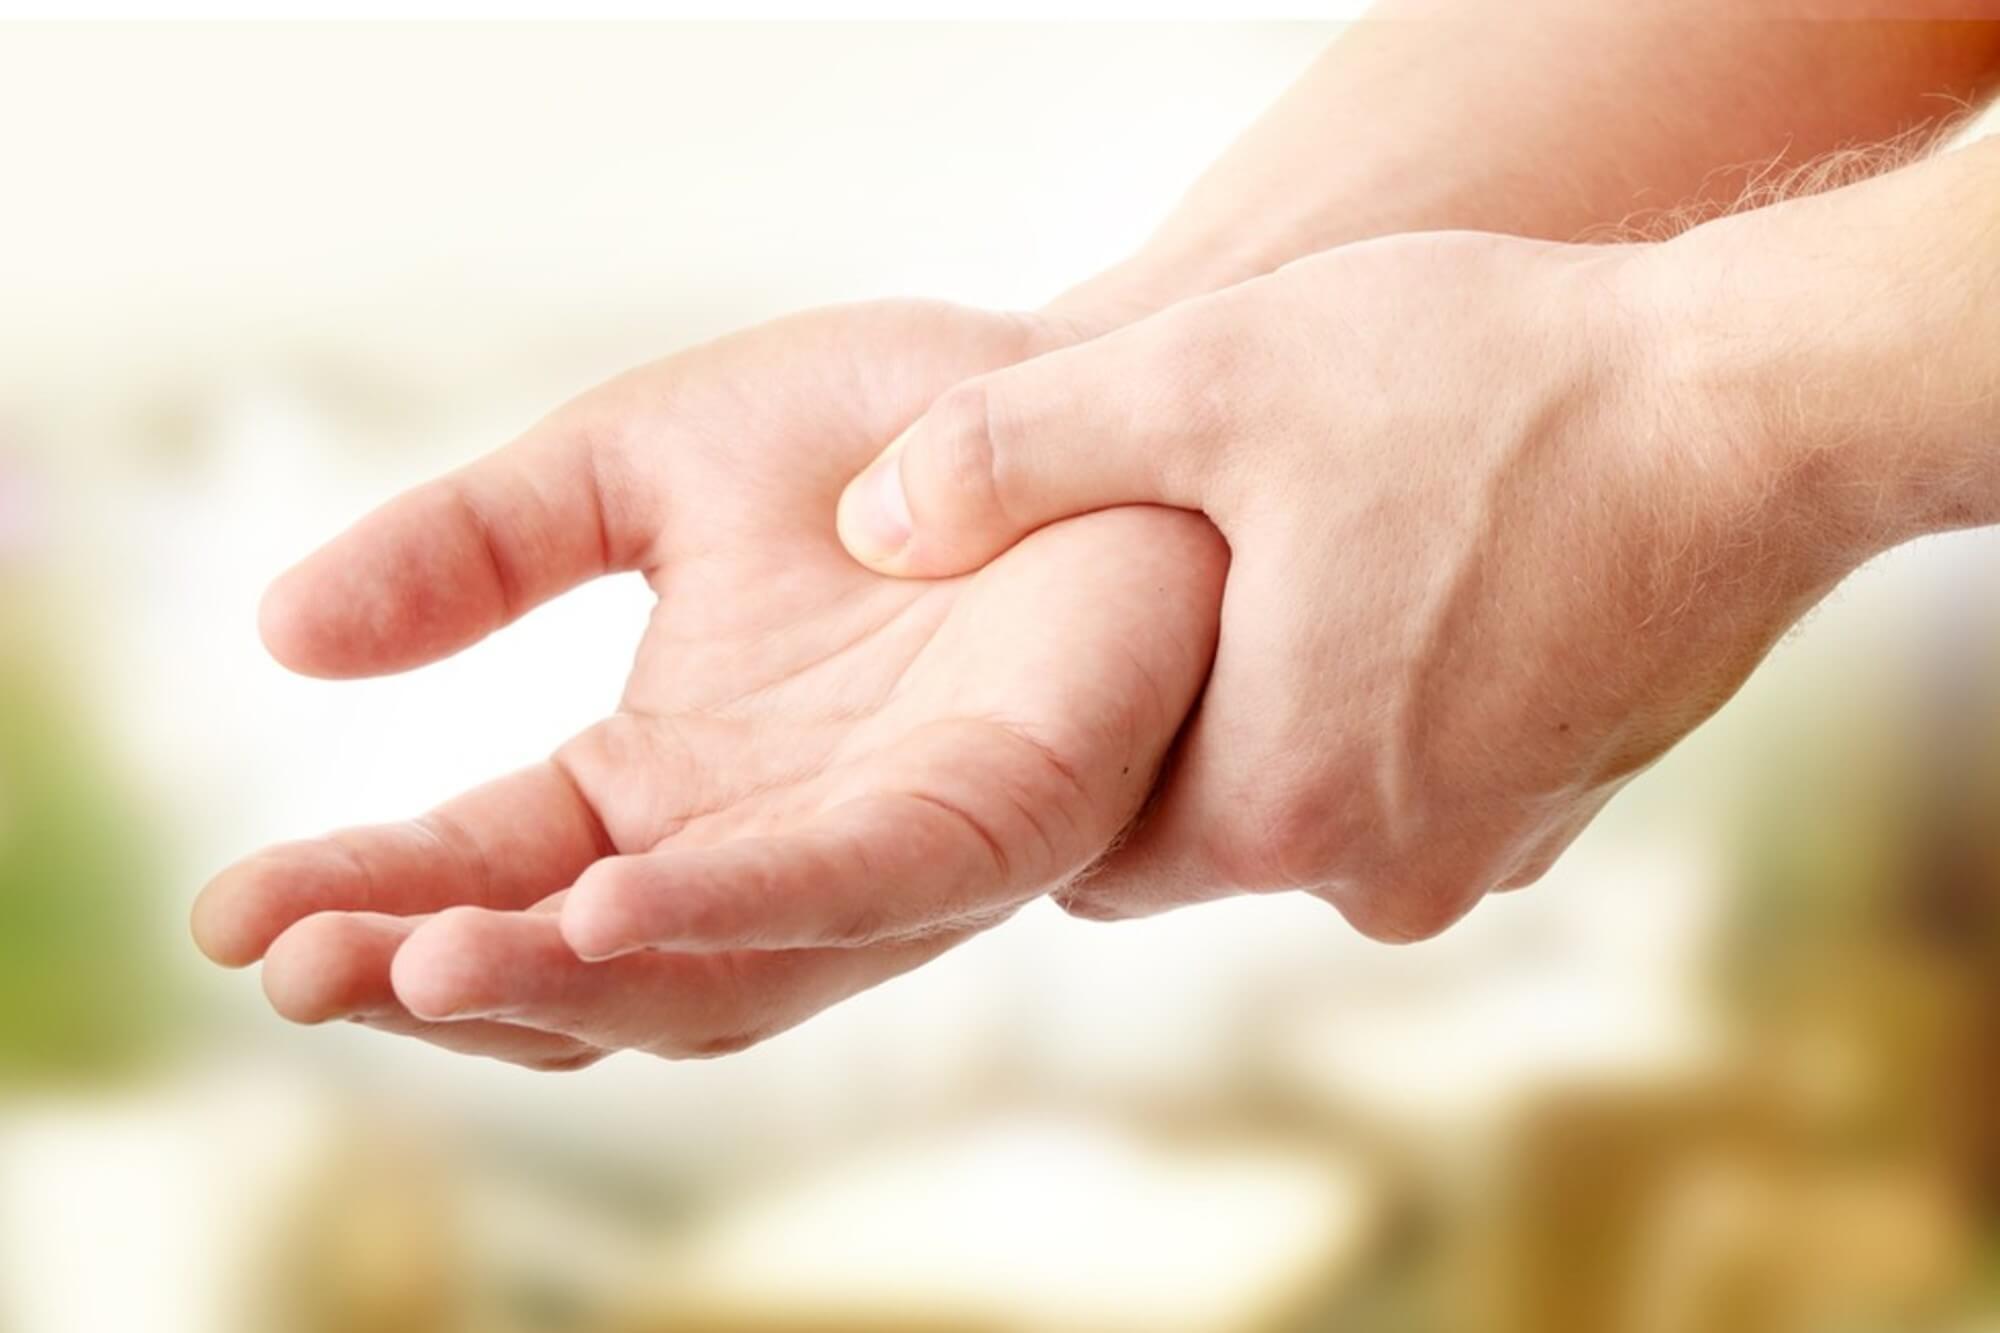 fájdalom a kéz ízületeiben edzés után